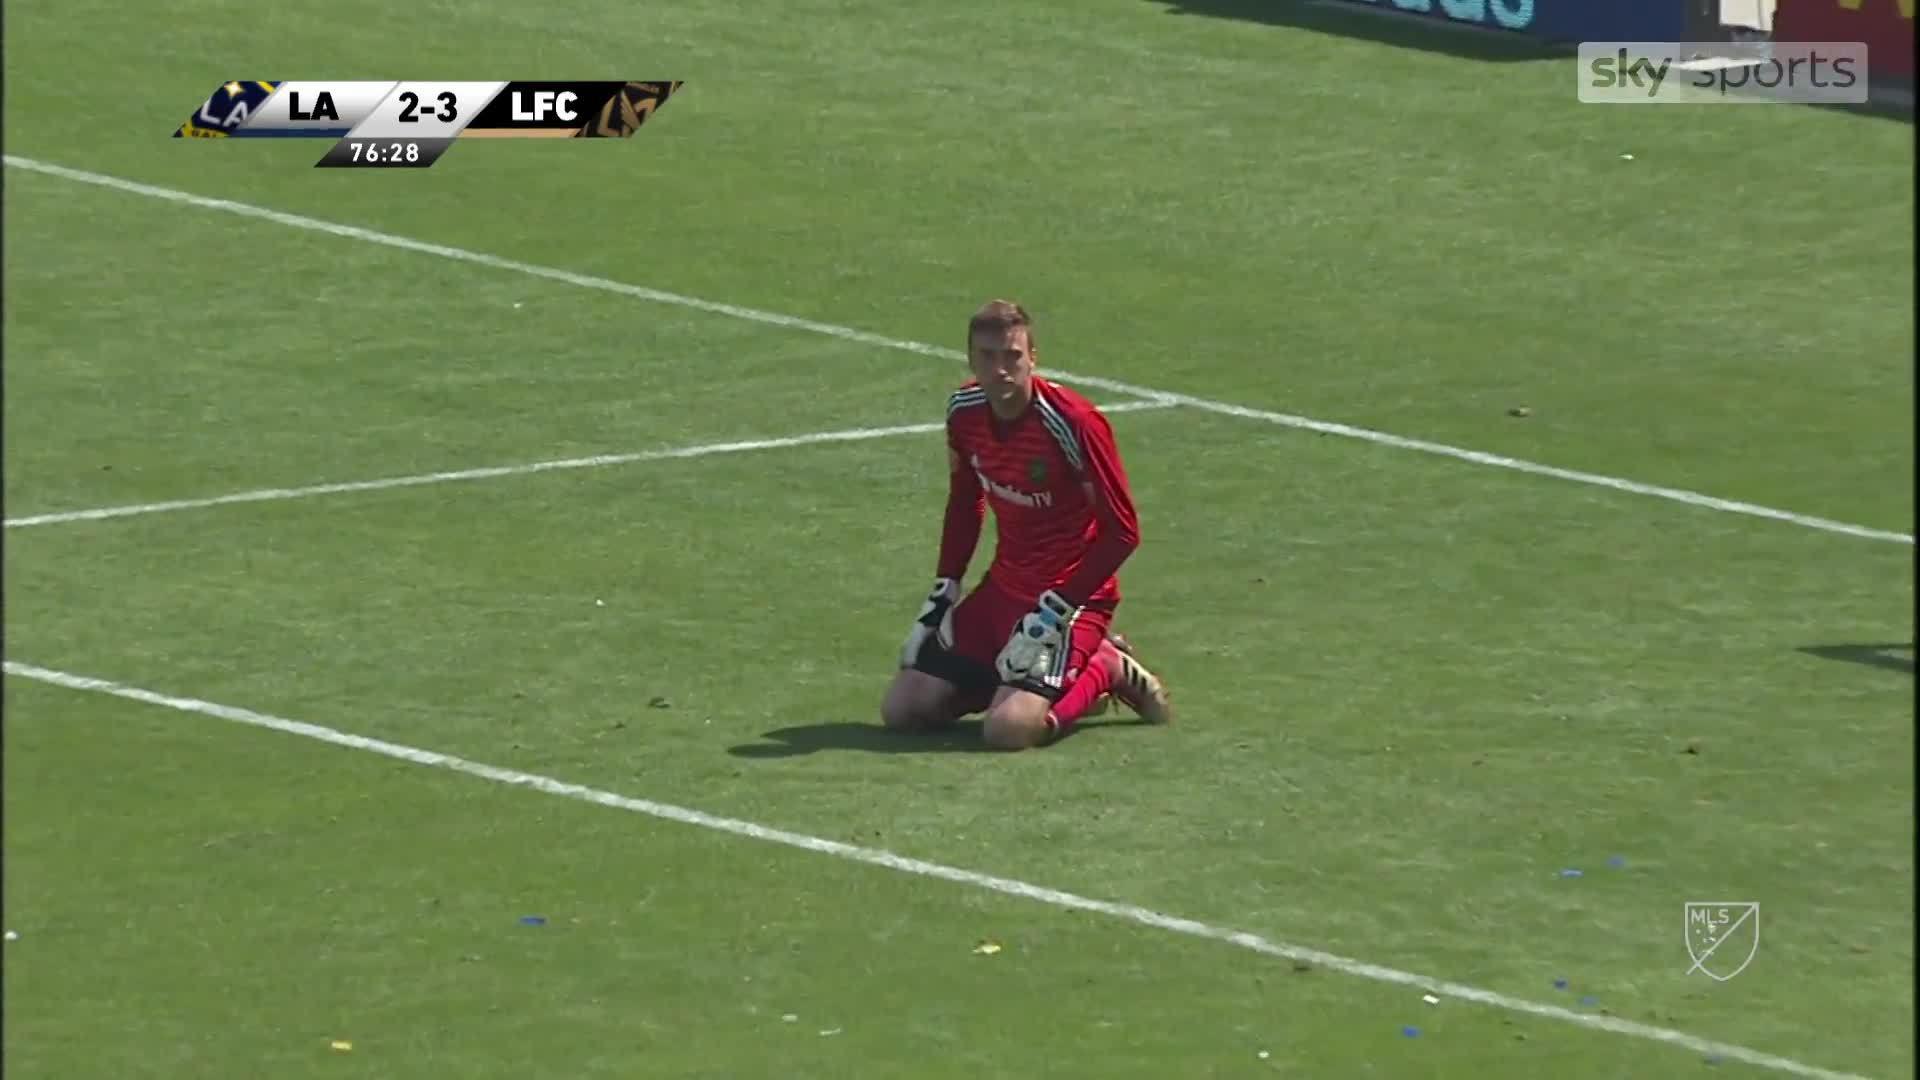 Pha ghi bàn của năm tại giải MLS